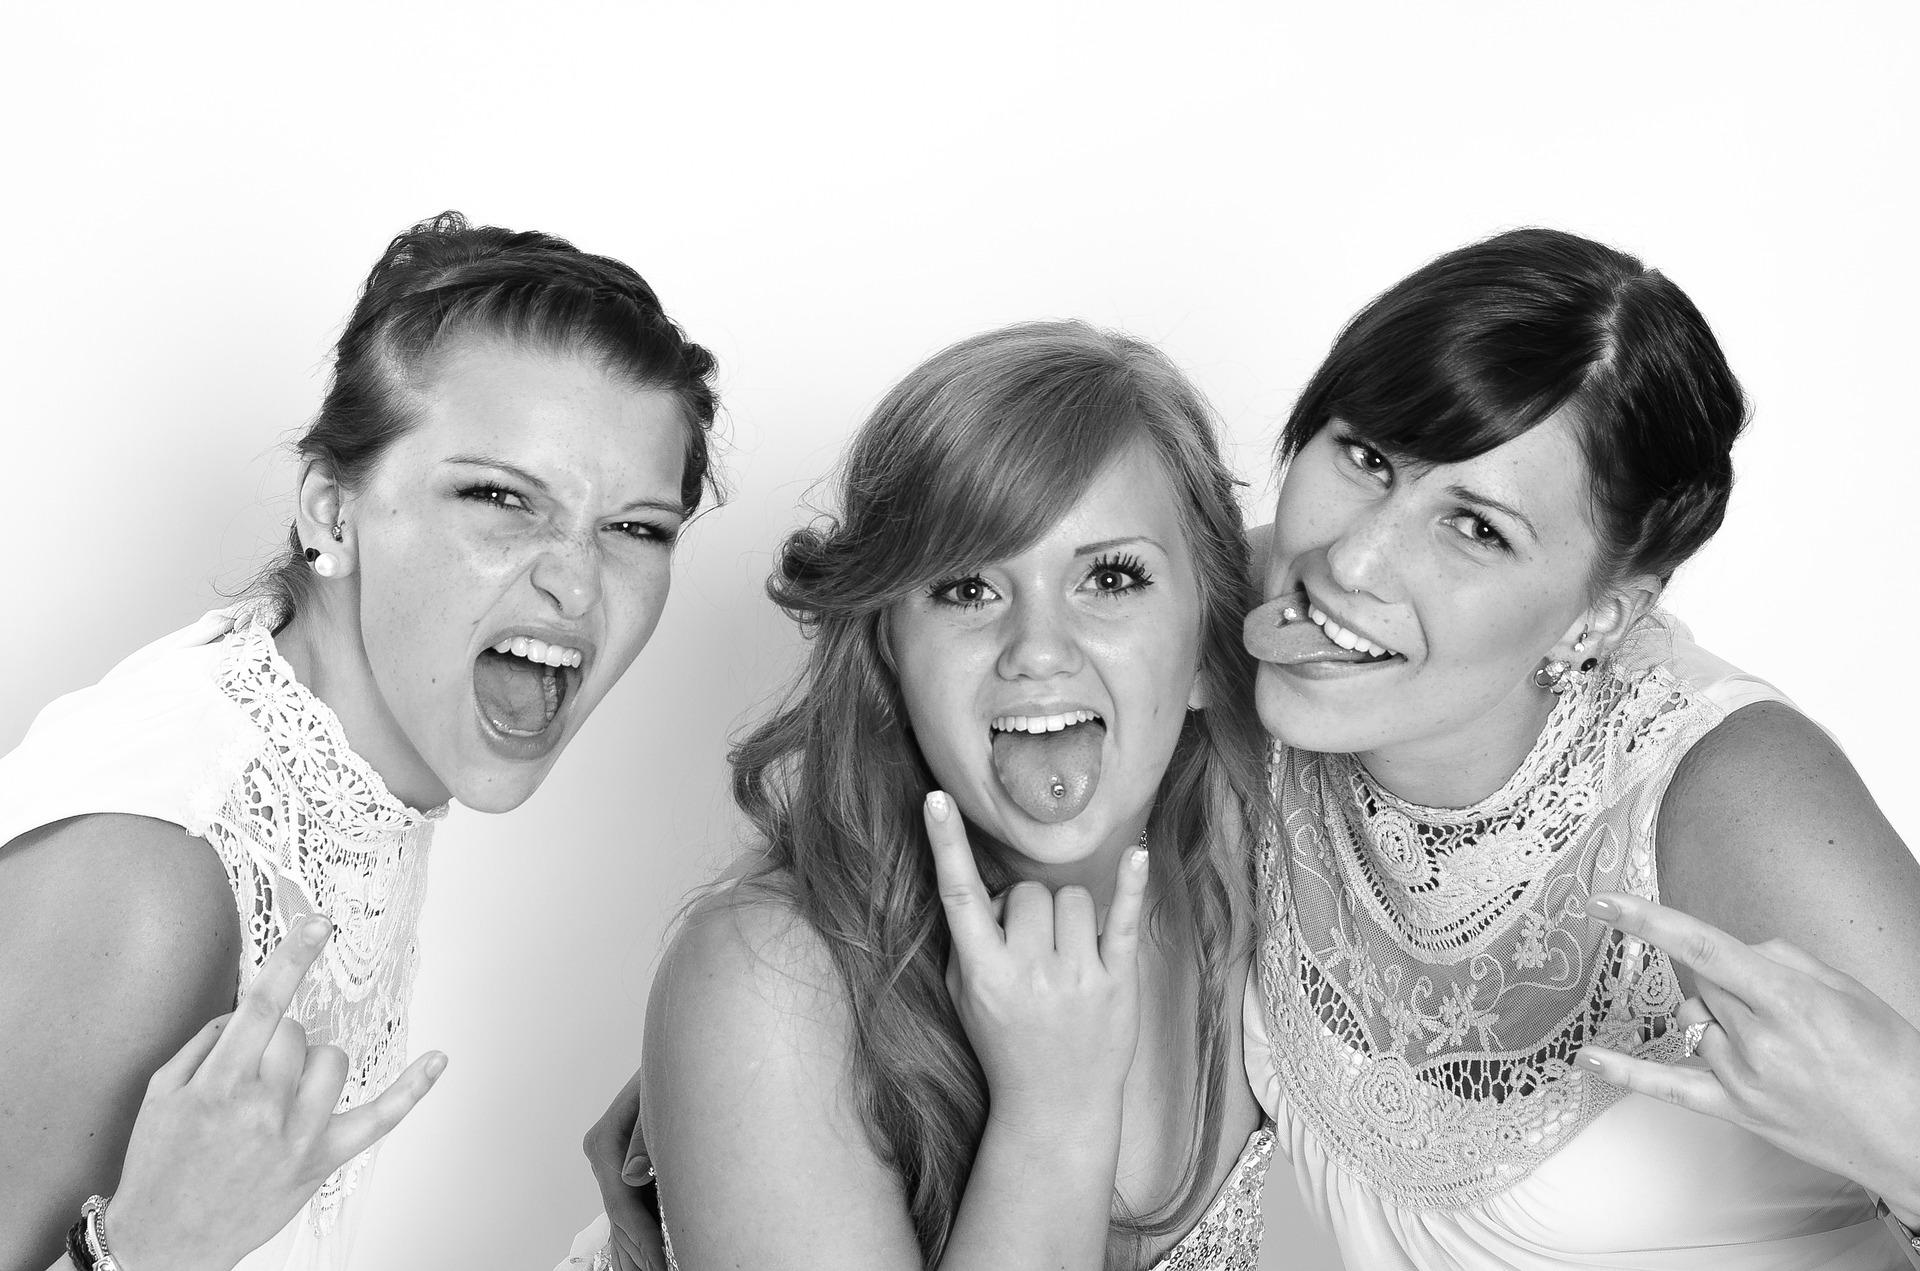 3 naista, ystävystä villin iloisina, näyttävät kieltä ja heavy-tervehdystä